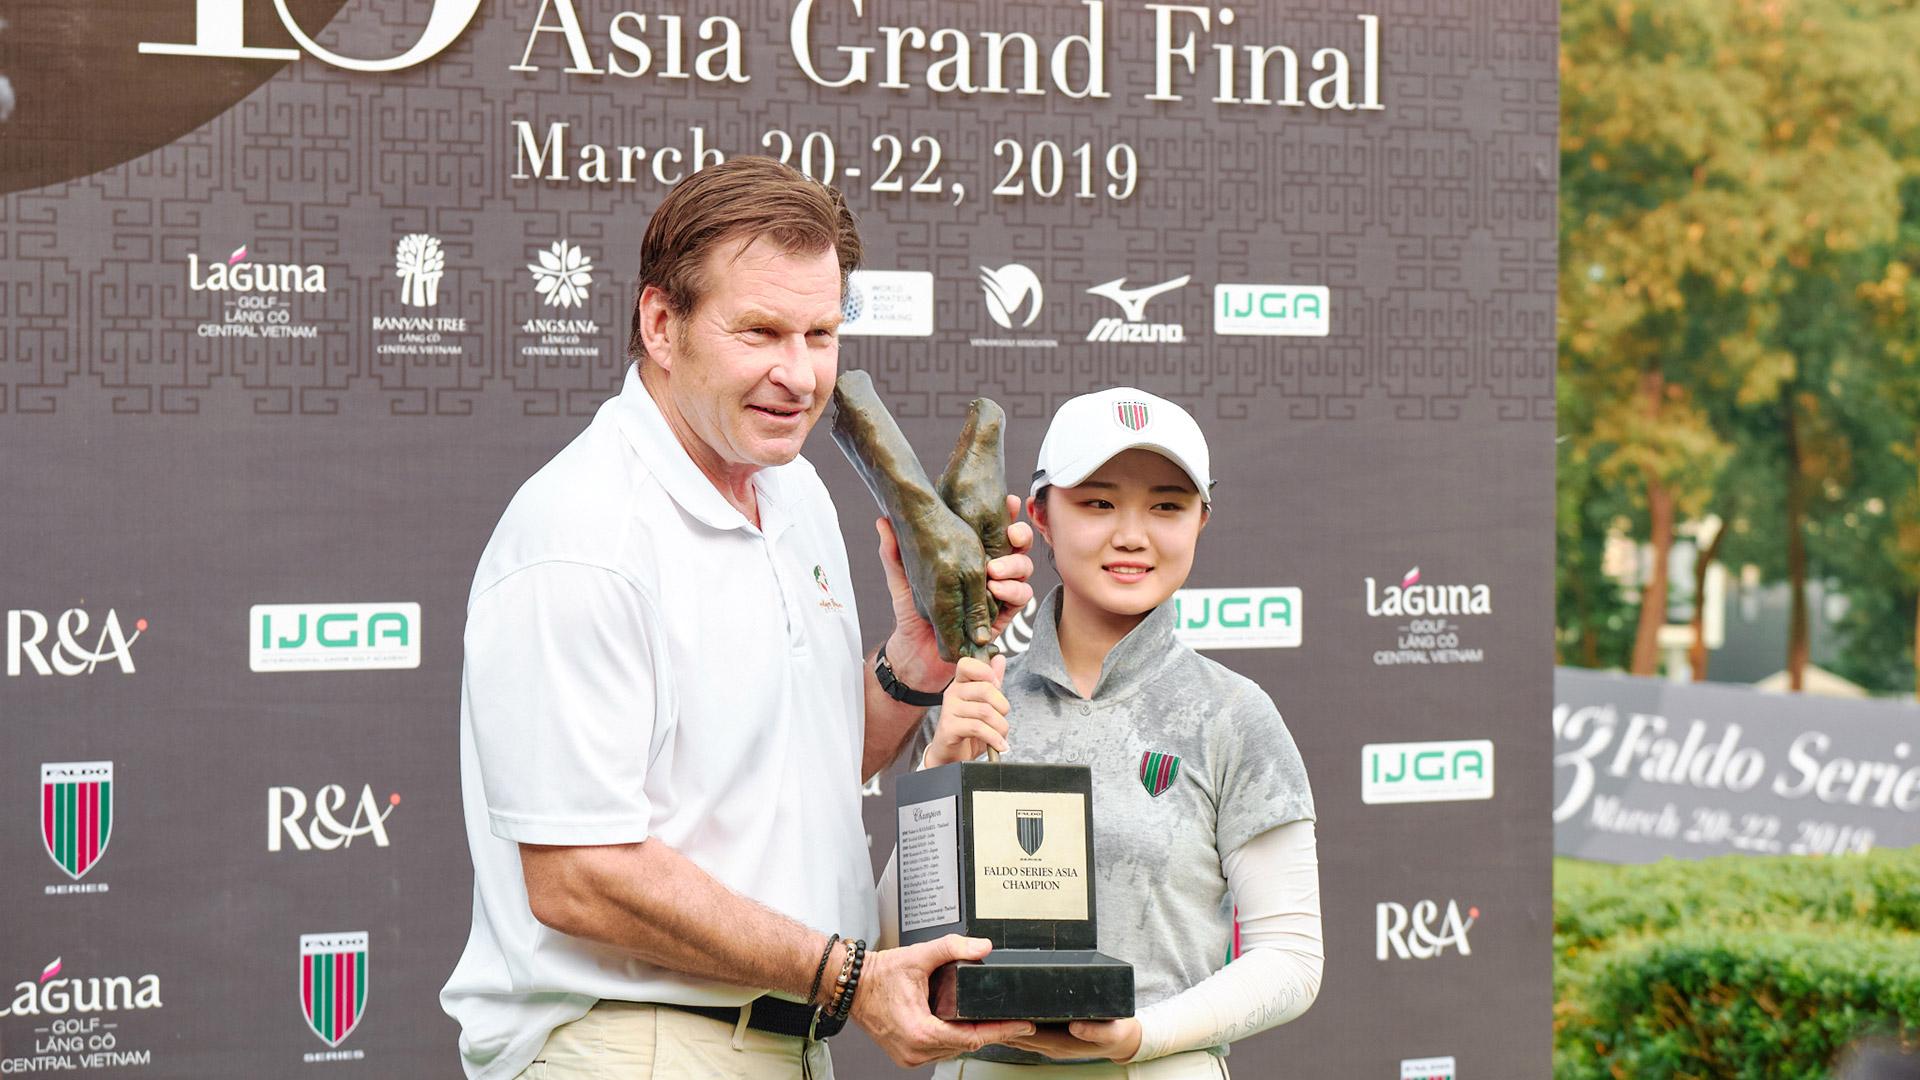 Vòng Chung Kết Faldo Series Châu Á